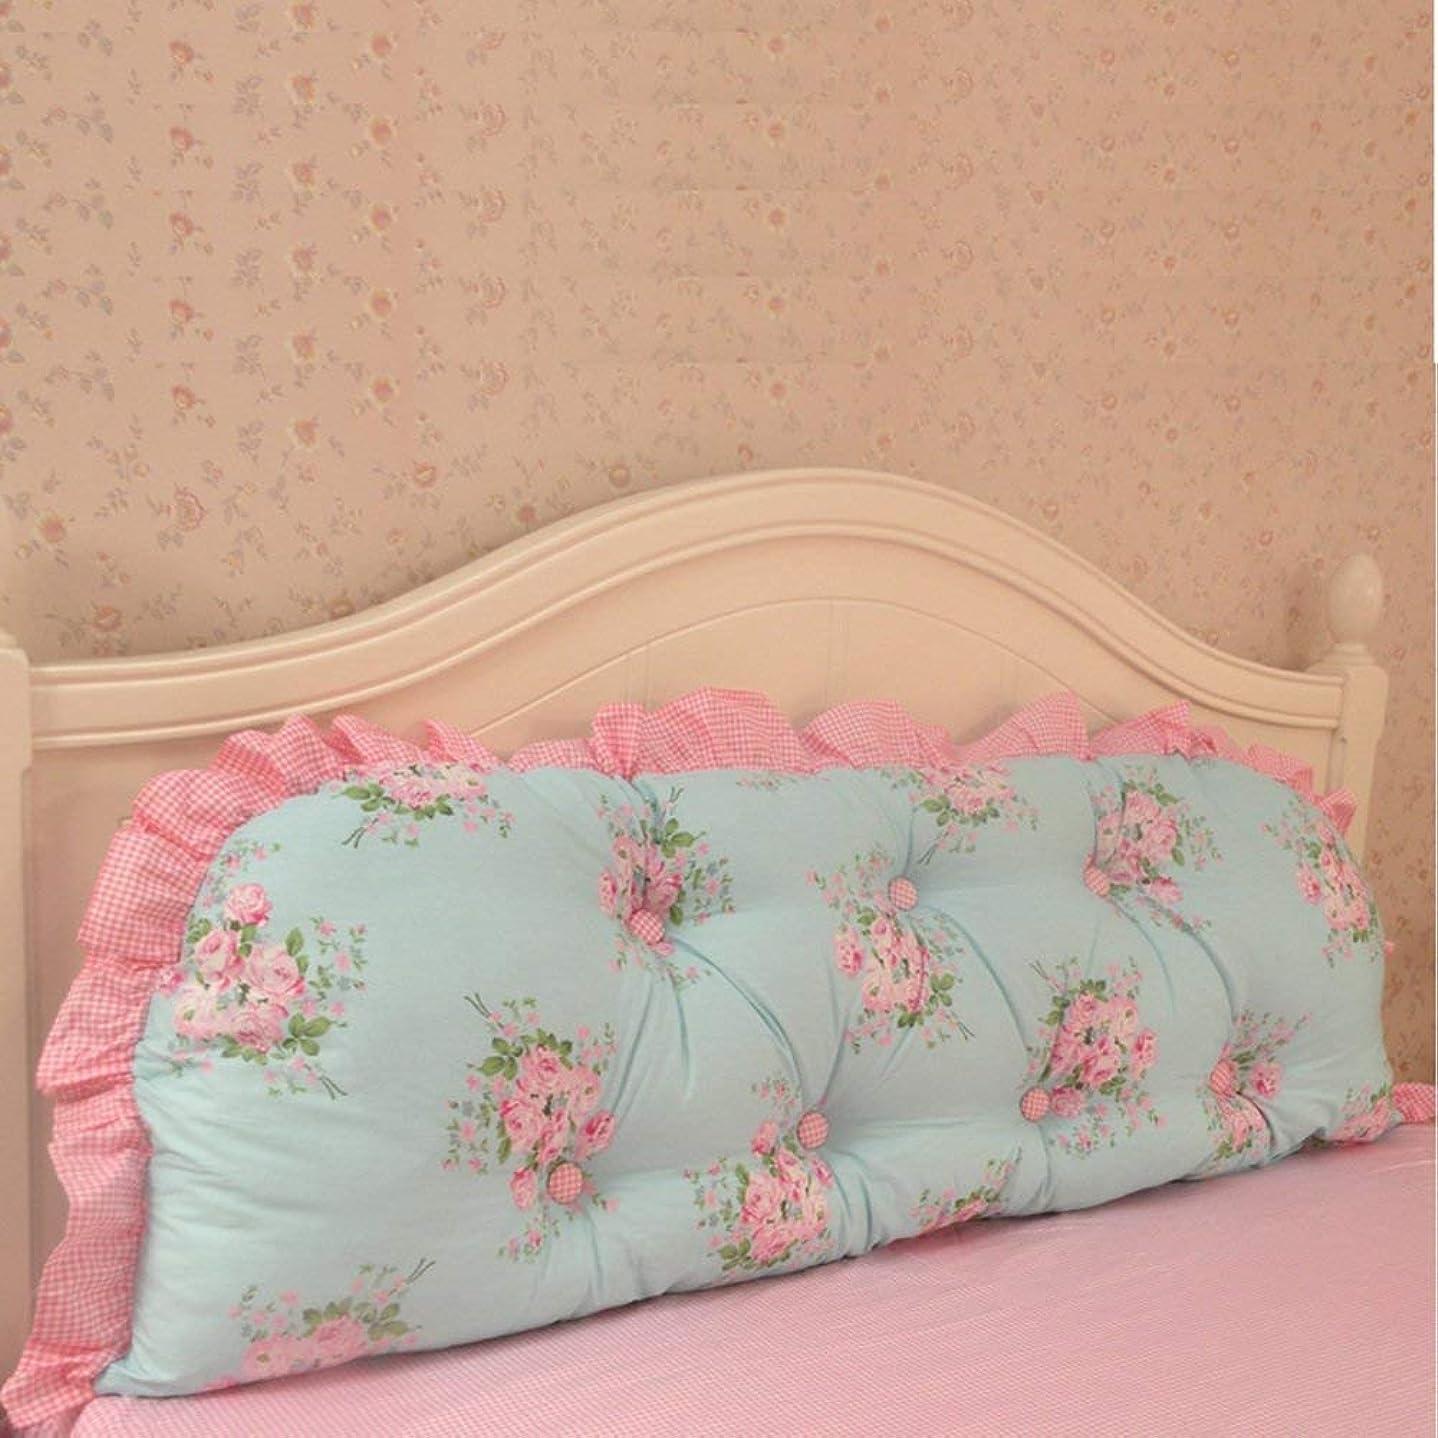 ライター忘れるかもめ2J-QingYun Trade 綿の枕元の読書枕、背部クッション王女のベッド長い枕取り外し可能なあと振れ止めの位置決めサポート枕 (Color : J, サイズ : 170x45cm(67x18inch))